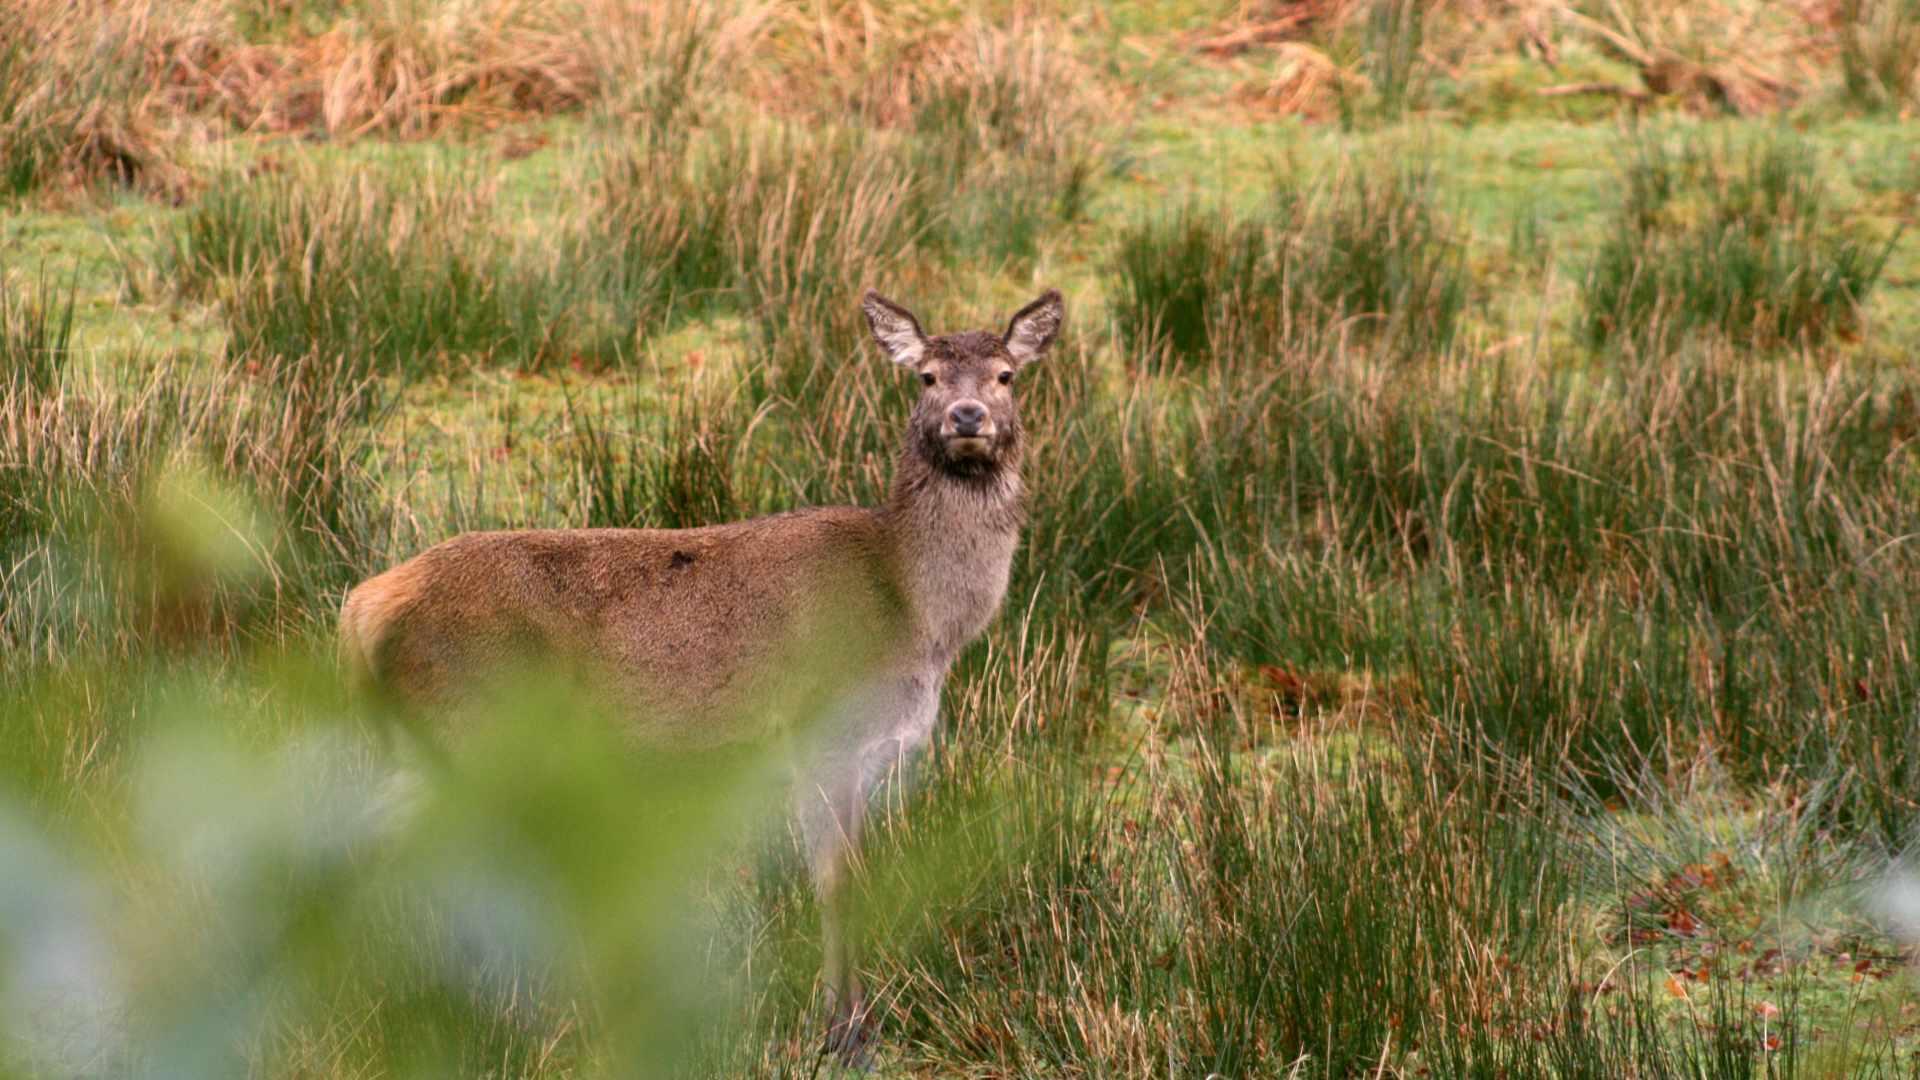 A Red Deer in The Garden